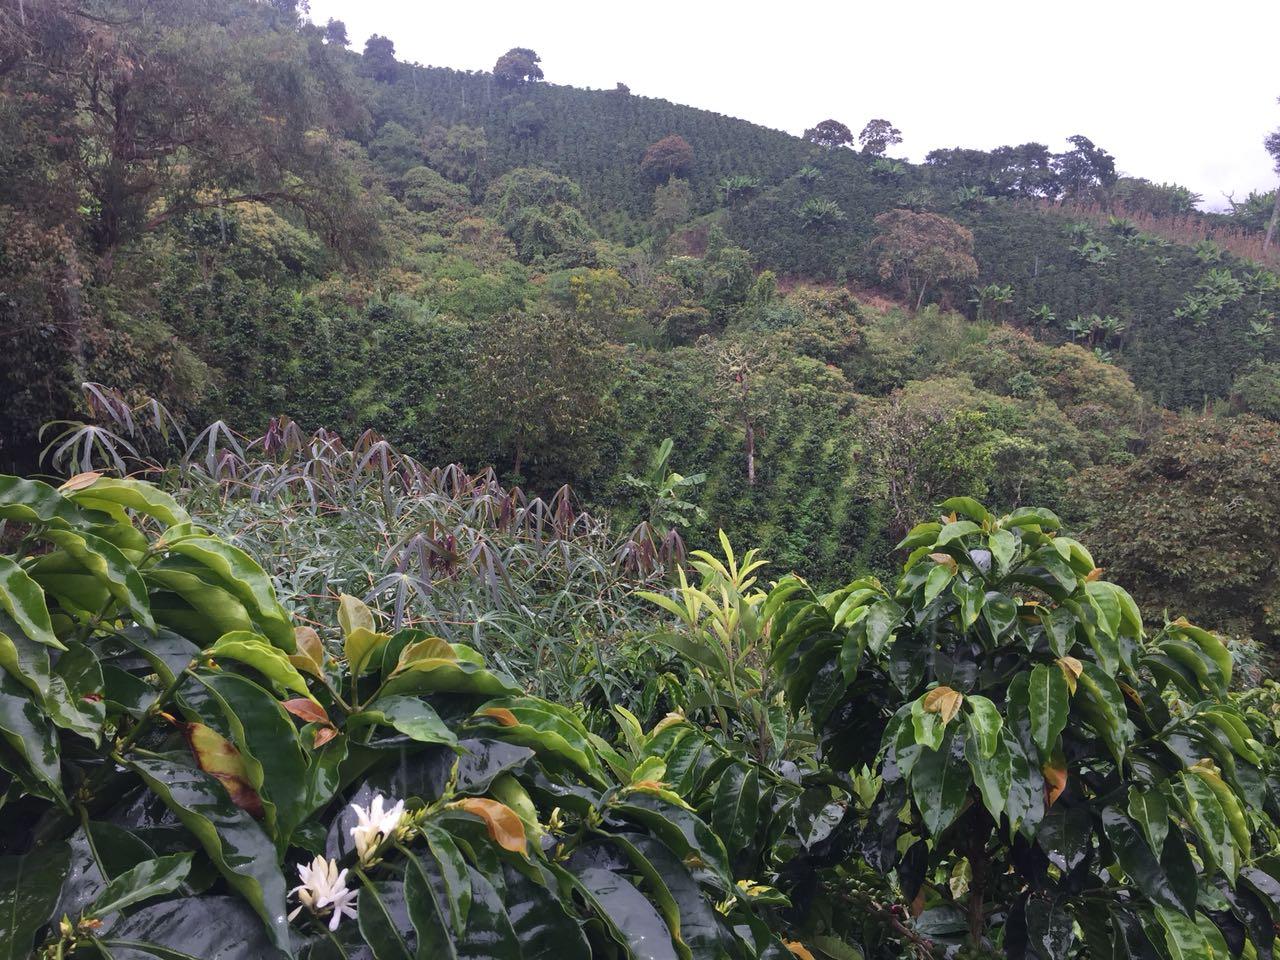 San Lorenzo, ubicado en el ramal del Nudo de los Pastos, tiene un clima privilegiado para la agricultura, especialmente para el cultivo de café. Foto: Cortesía Luis Fernando Moreno.